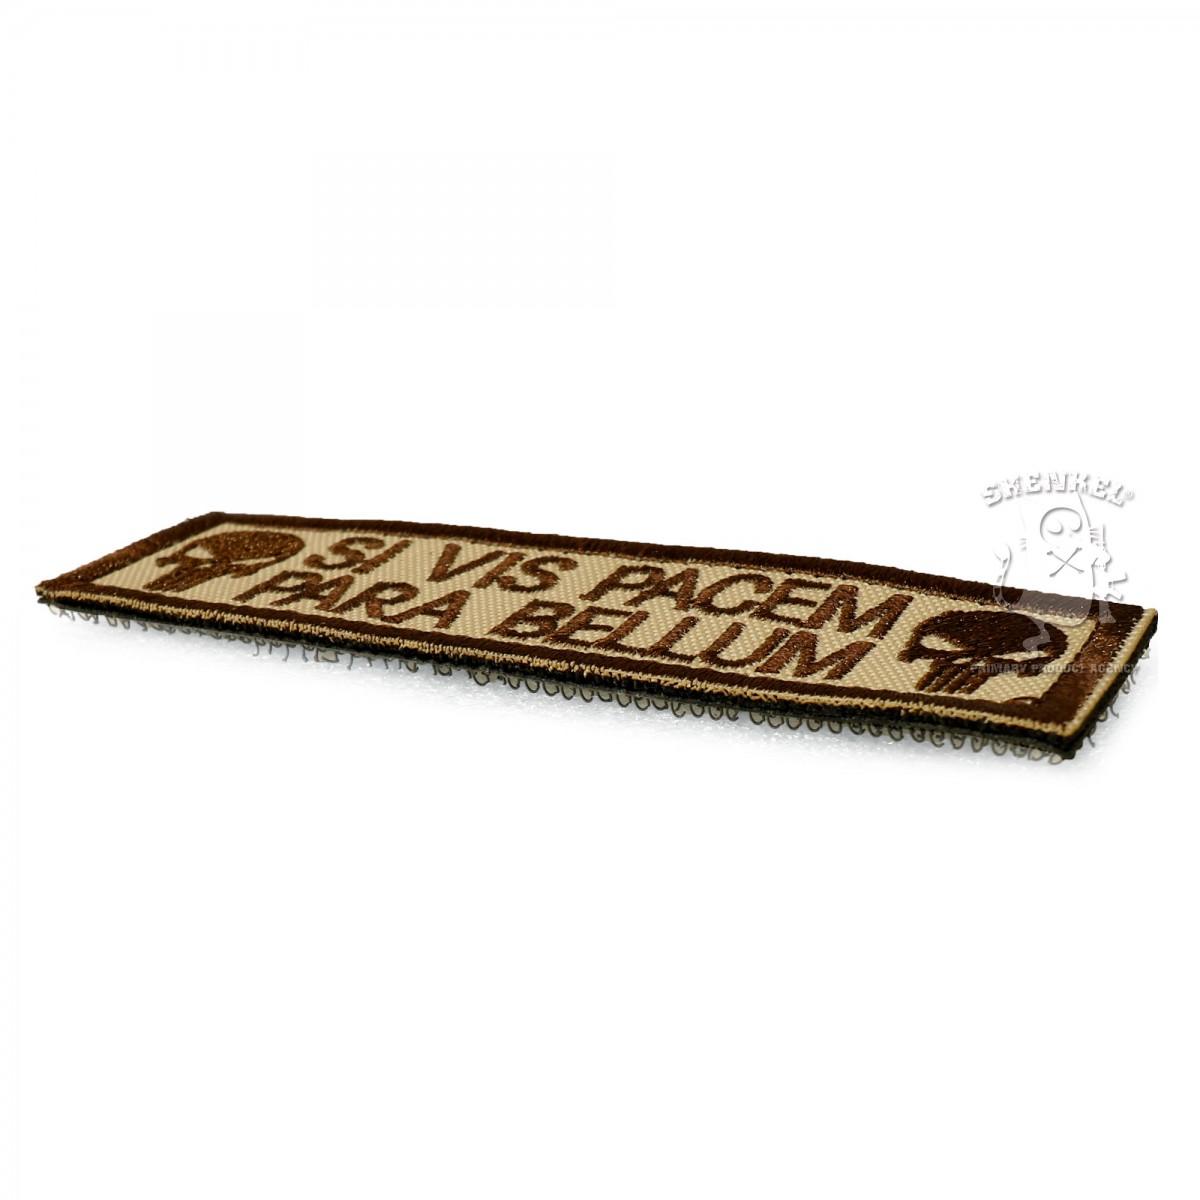 SHENKEL パニッシャー ドクロマーク ワッペン 茶 26x95mm 刺繍 パッチ ベルクロ付き The Punisher